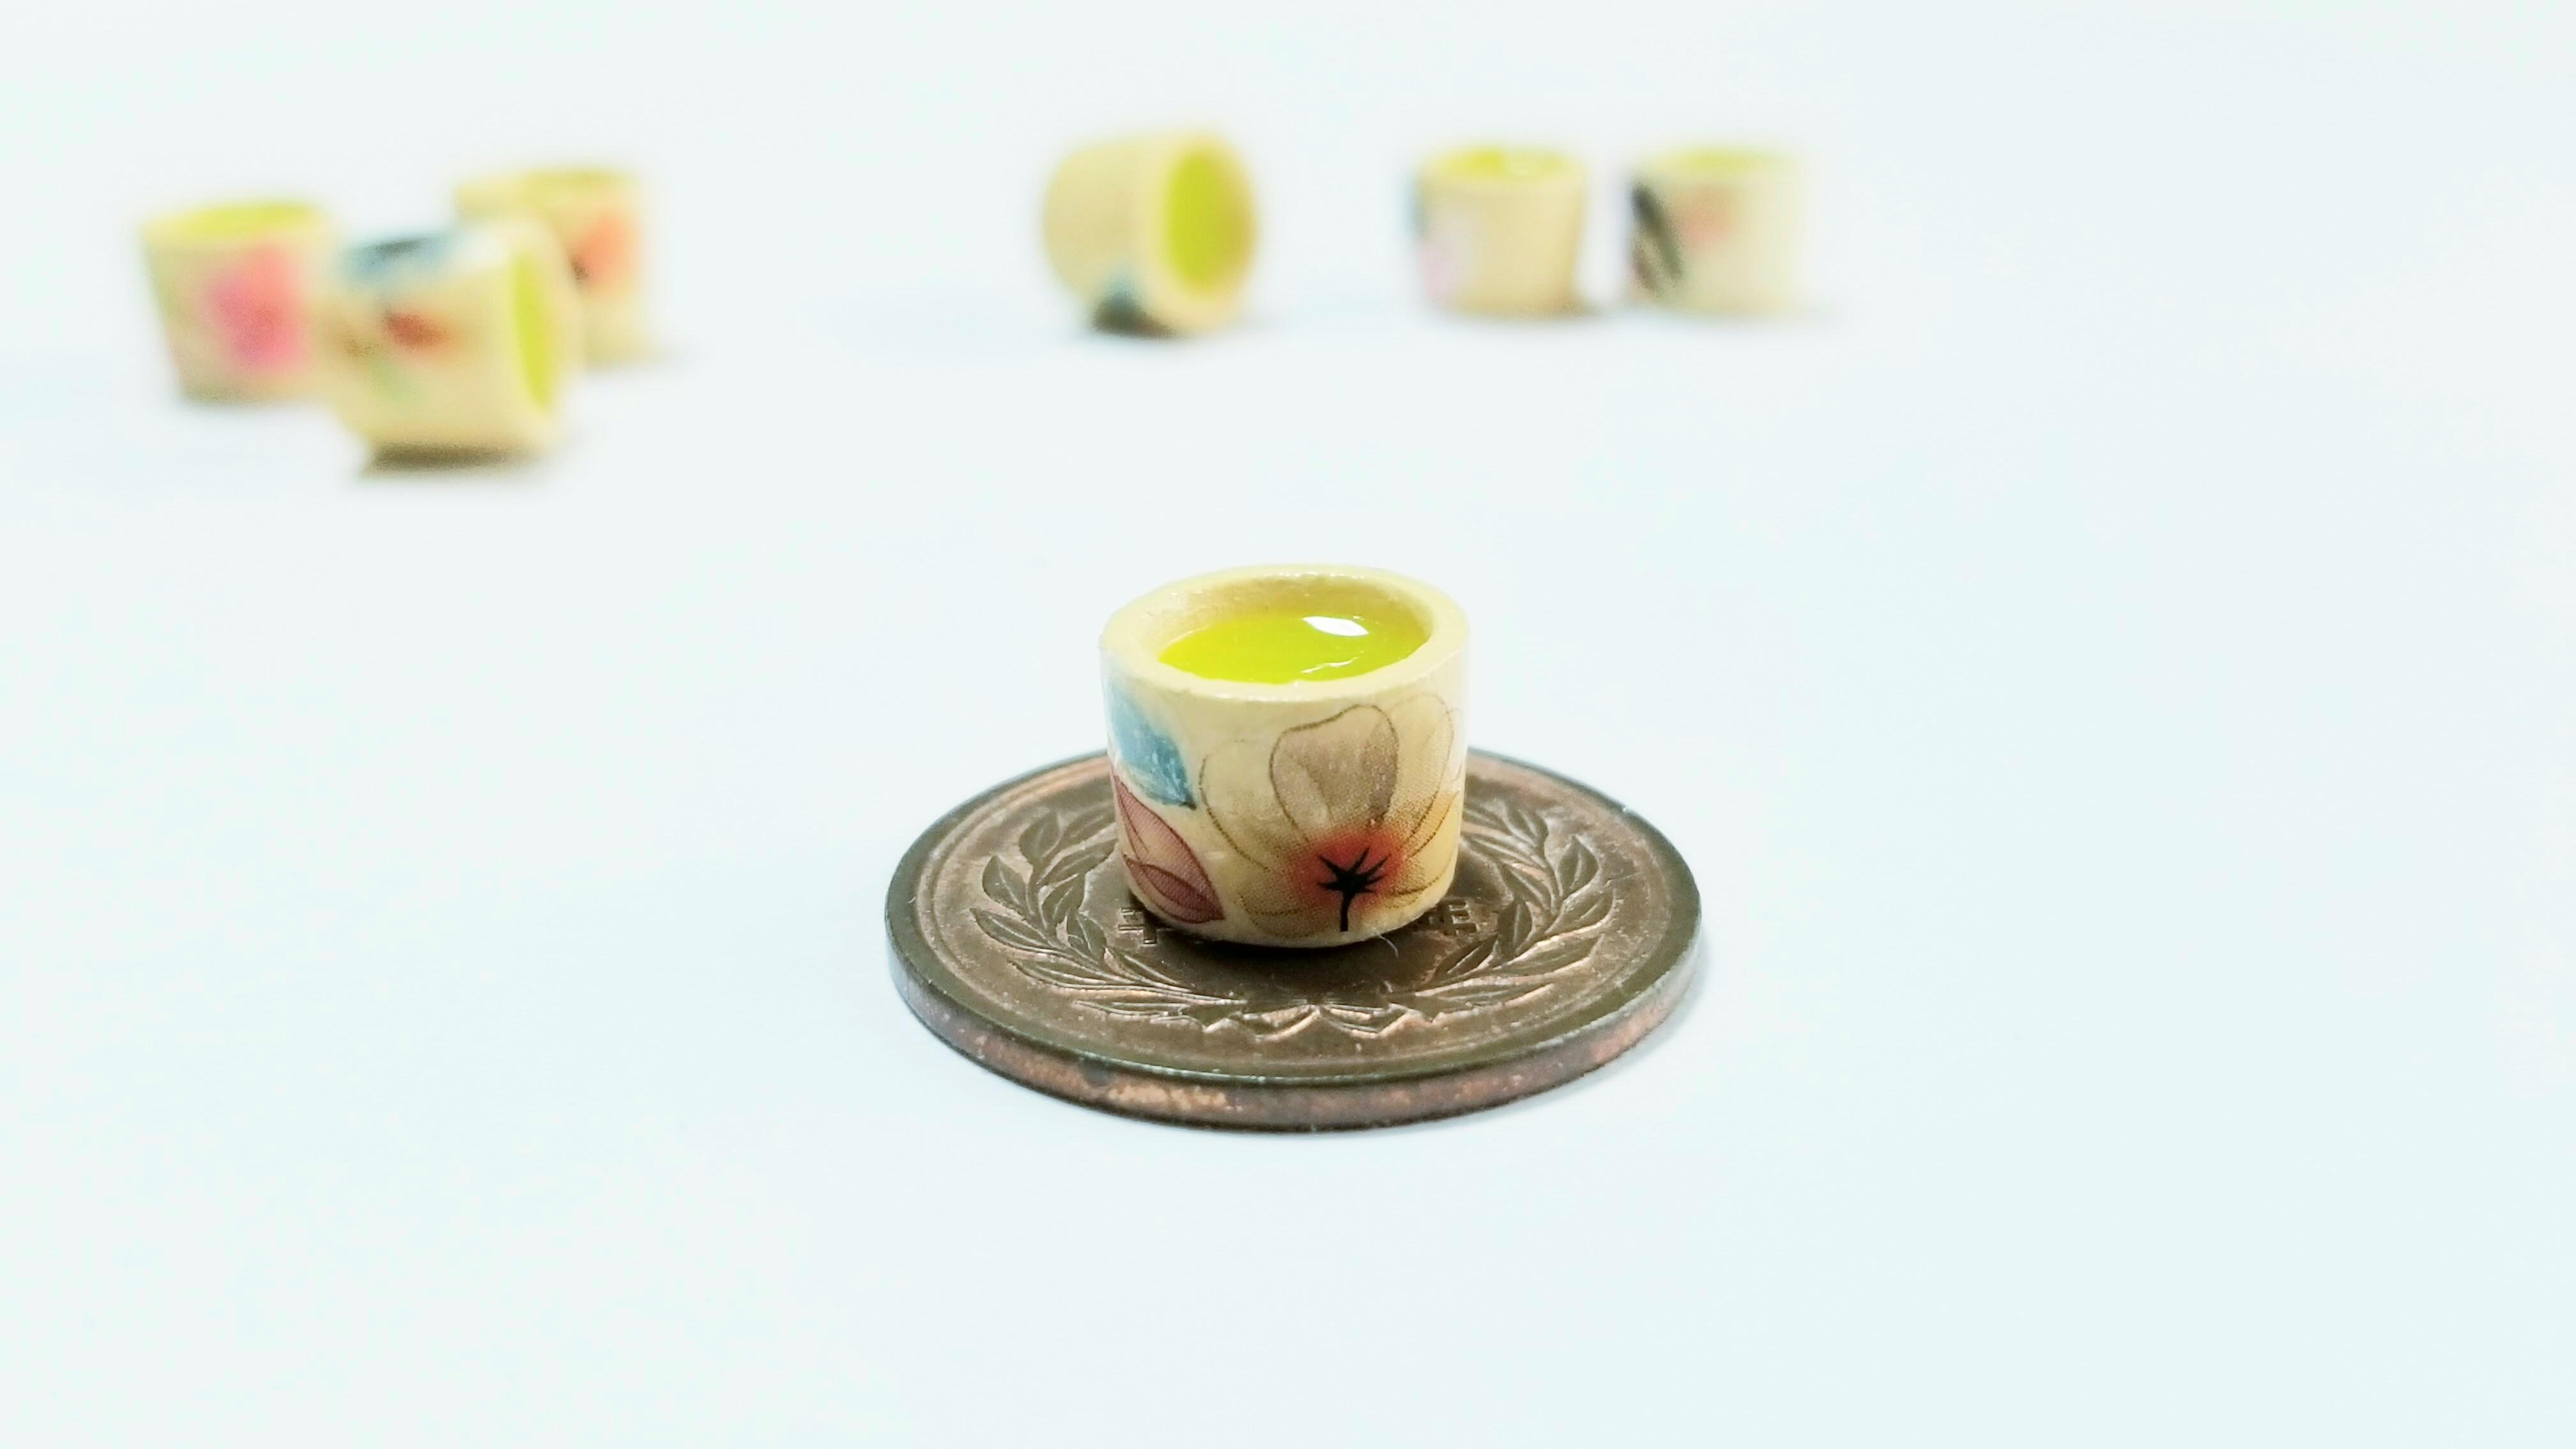 ミニチュアフード飲み物ドリンクお抹茶湯呑み作り方粘土作品画像写真